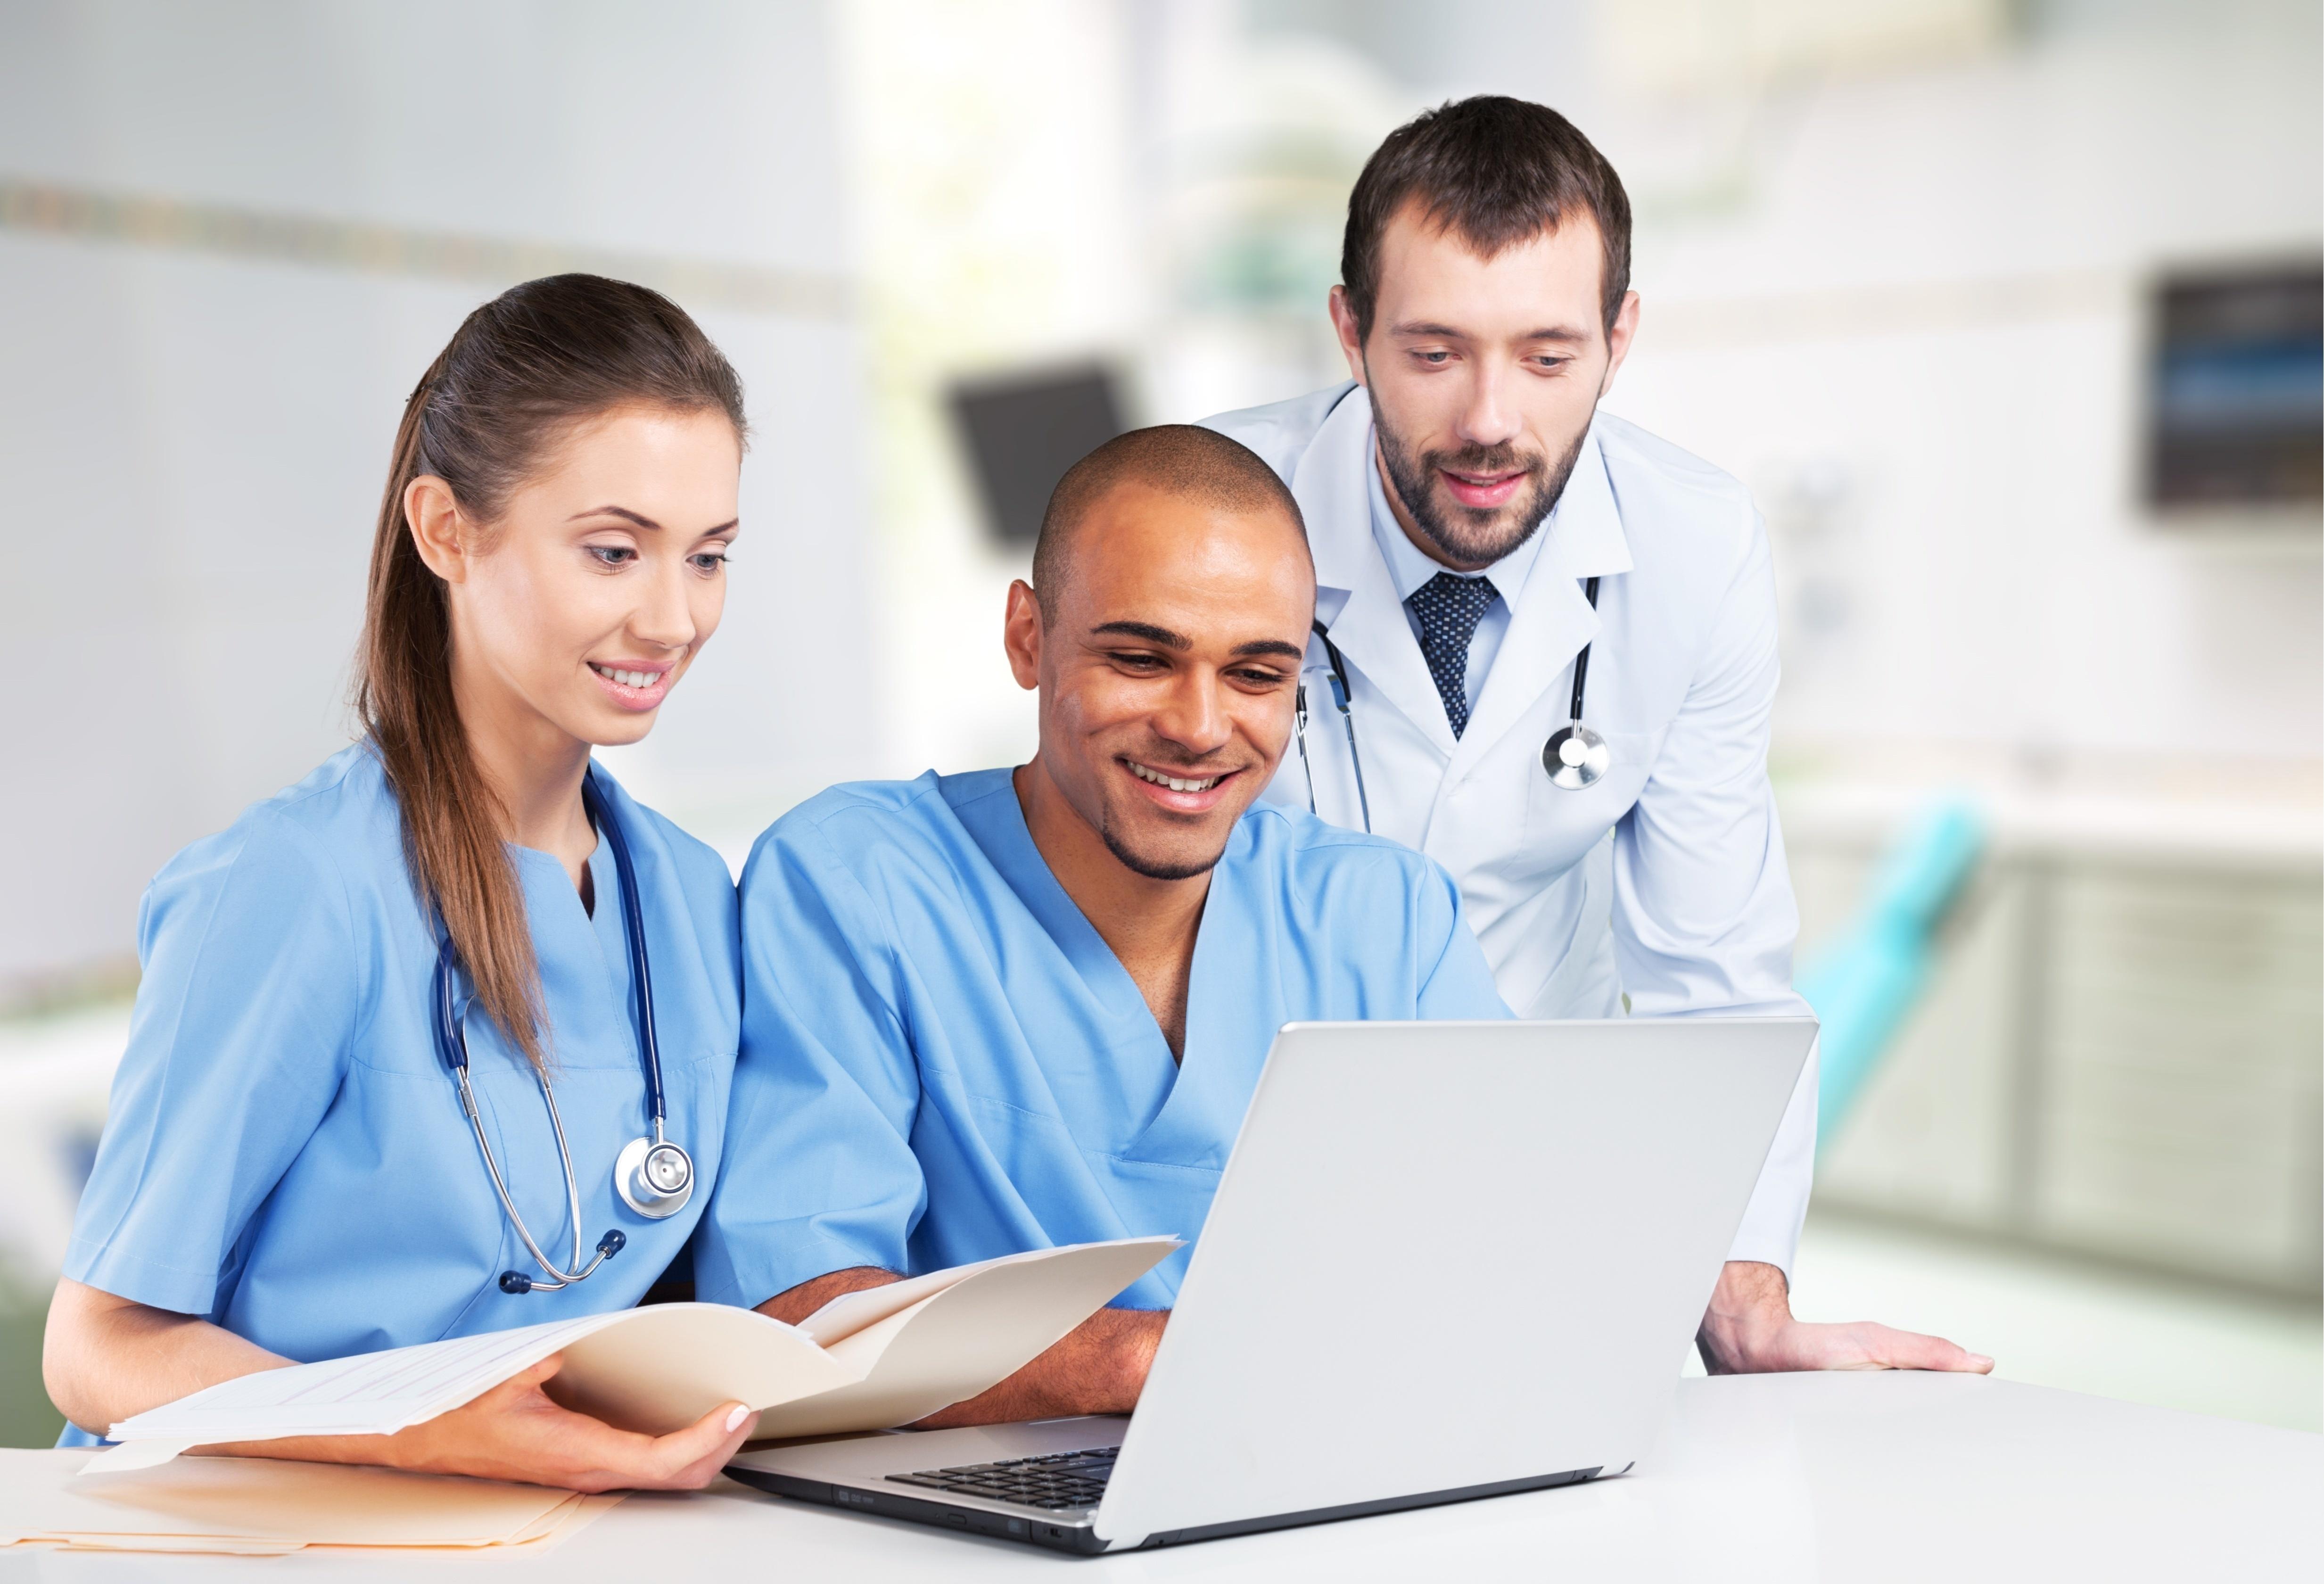 Medical Team at Computer